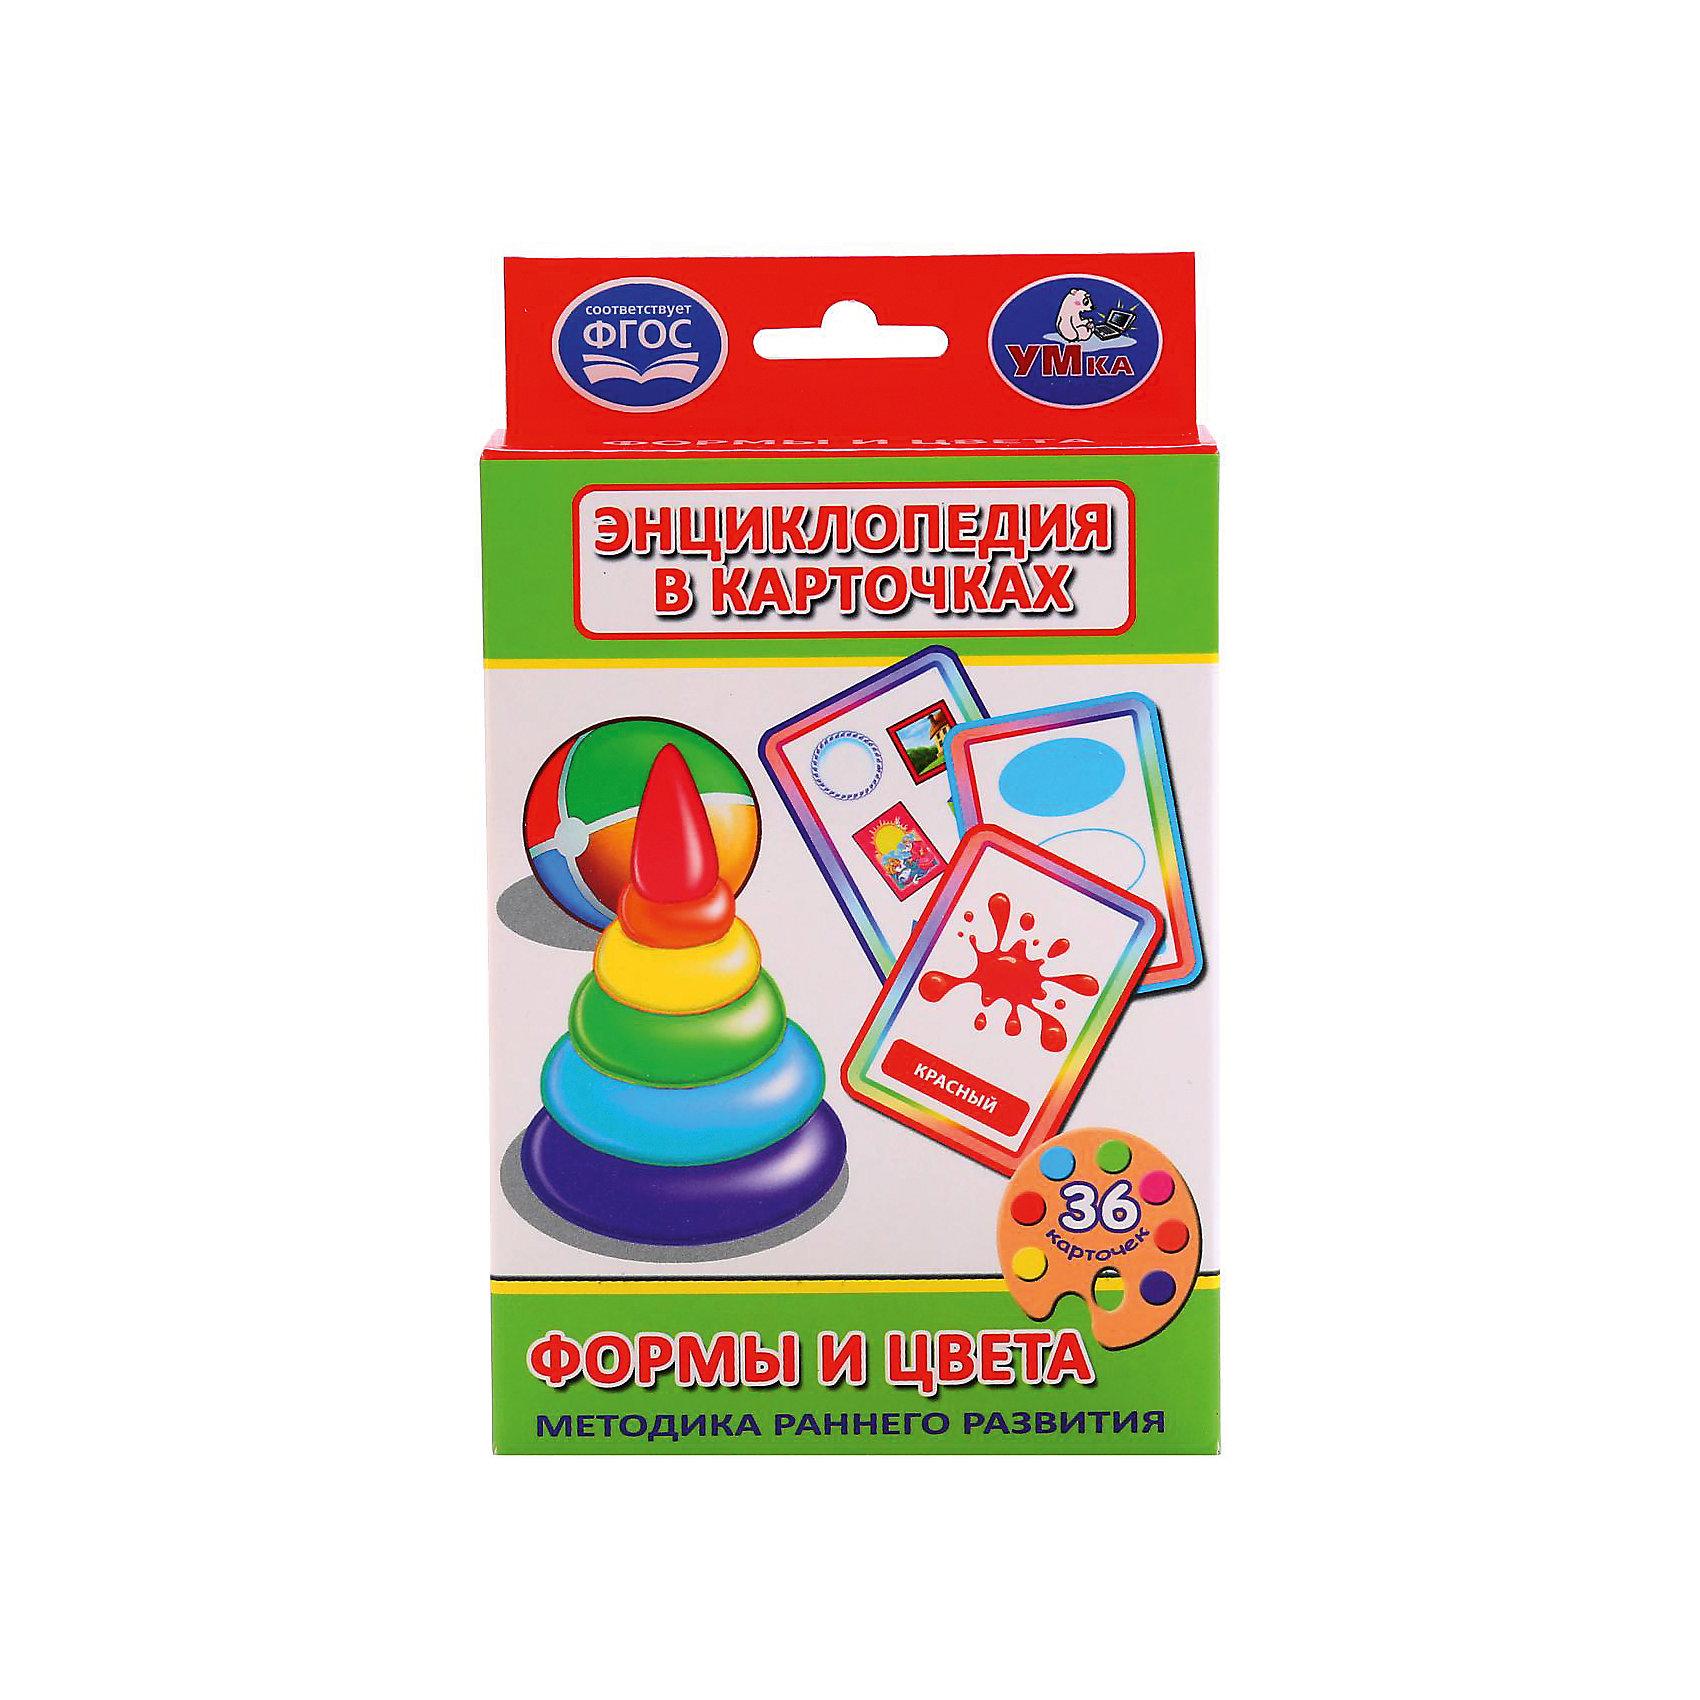 Карточки развивающие Формы и цвета (36 карточек)Обучающие карточки<br>Набор развивающих карточек поможет ребенку в игровой форме (10 игр) выучить цвета и формы предметов.<br><br>Ширина мм: 160<br>Глубина мм: 20<br>Высота мм: 100<br>Вес г: 110<br>Возраст от месяцев: 36<br>Возраст до месяцев: 60<br>Пол: Унисекс<br>Возраст: Детский<br>SKU: 7032127